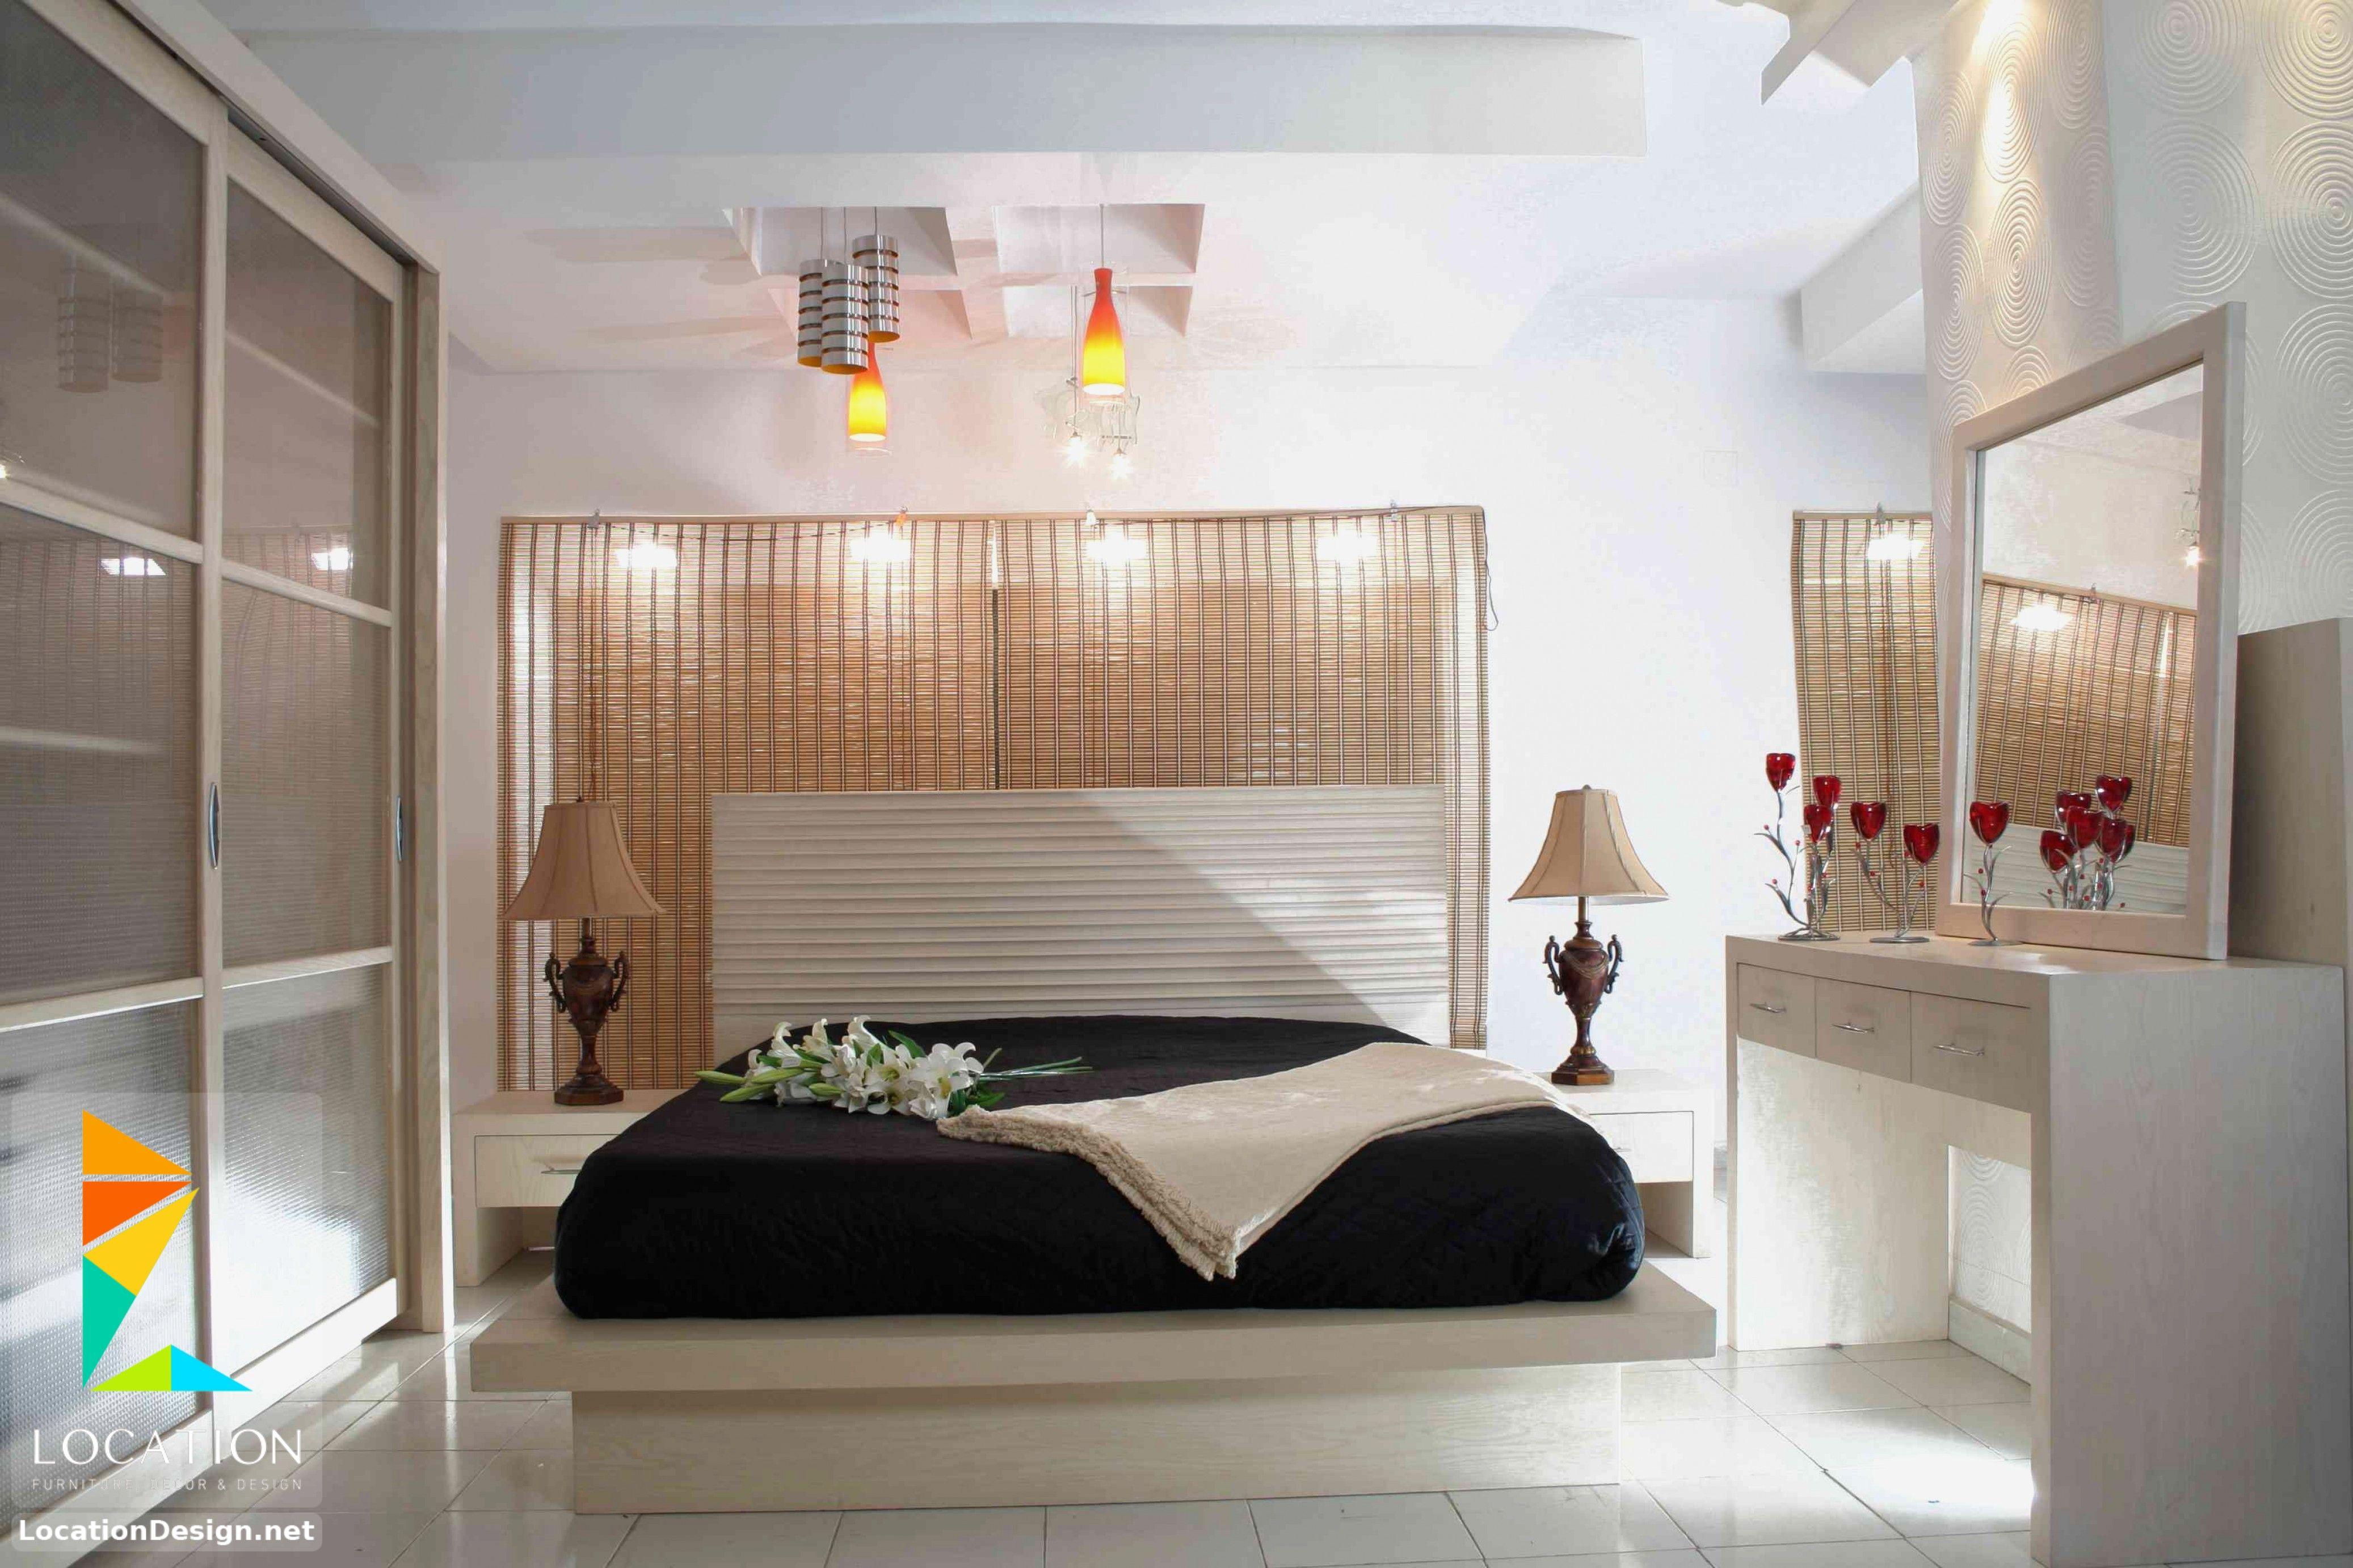 ديكورات غرف نوم صغيرة وبسيطة لوكشين ديزين نت Luxury Bedroom Master Bedroom Design Modern Bedroom